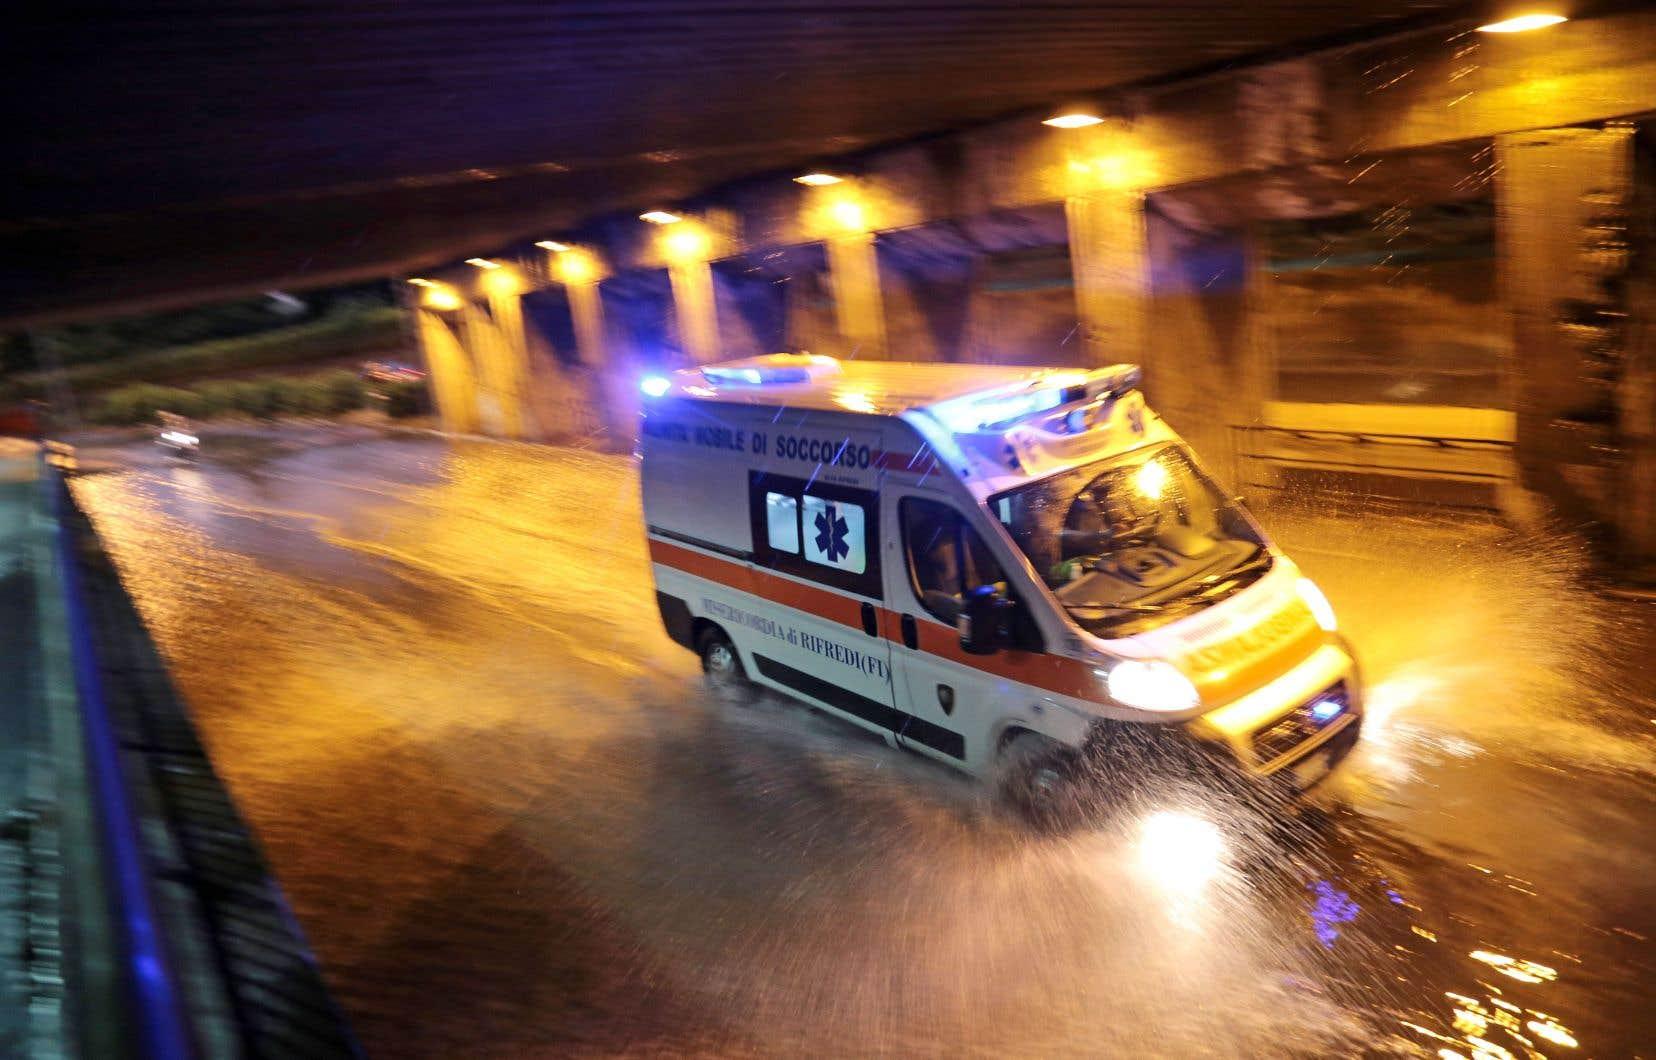 Dans le dernier roman de Marco Vichi, Florence est recouverte par une vague d'eau boueuse, de mazout et de détritus de toutes sortes.